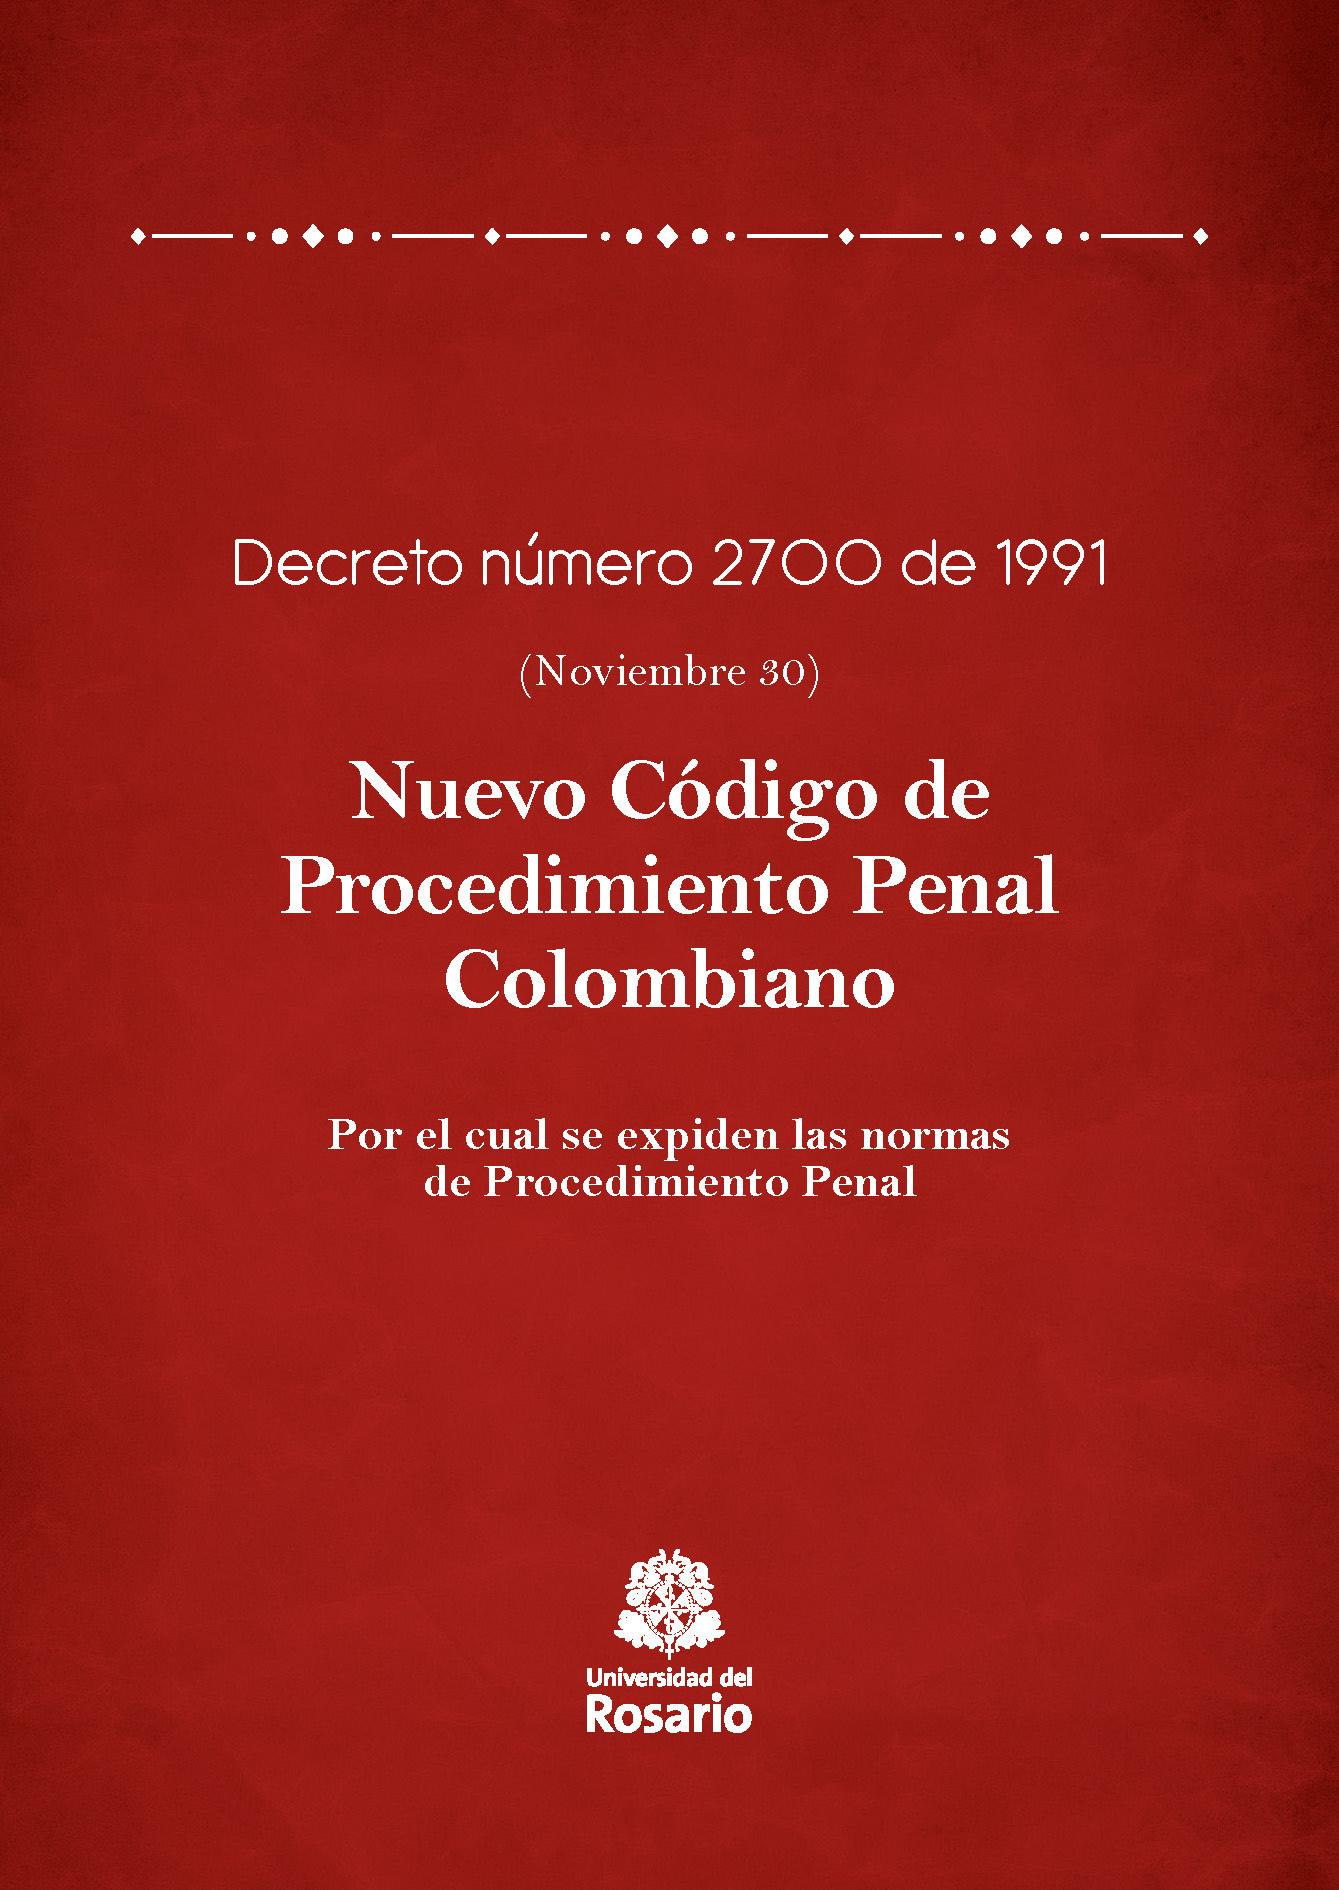 Nuevo Código de Procedimiento Penal Colombiano